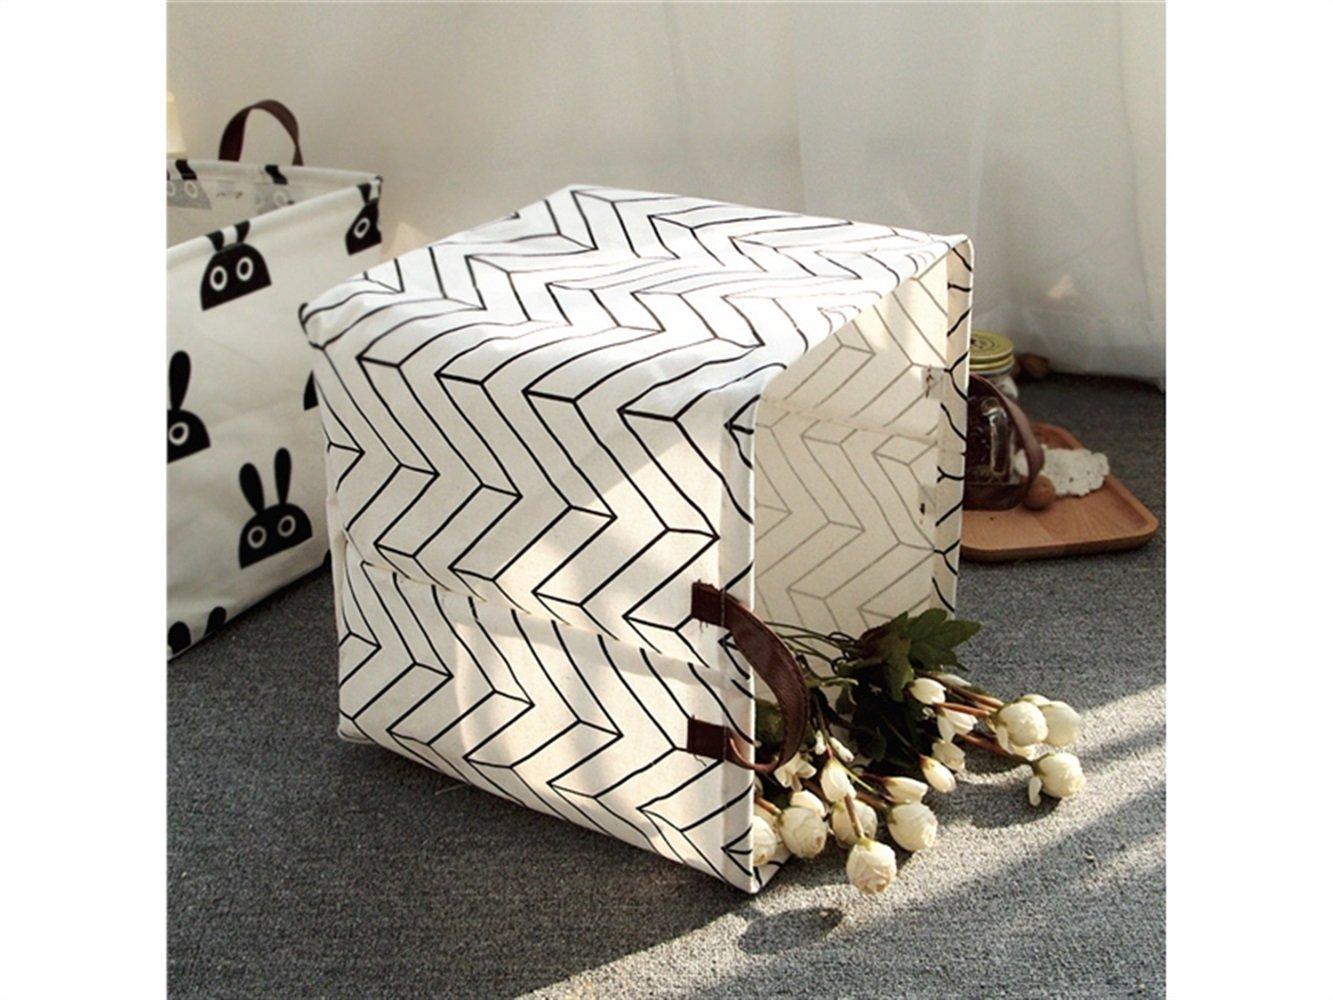 Gelaiken Lightweight Rabbit Square Storage Box Desk Storage Box Holder Jewelry Stationery Cosmetic Case Sundries Storage Box(White) by Gelaiken (Image #3)